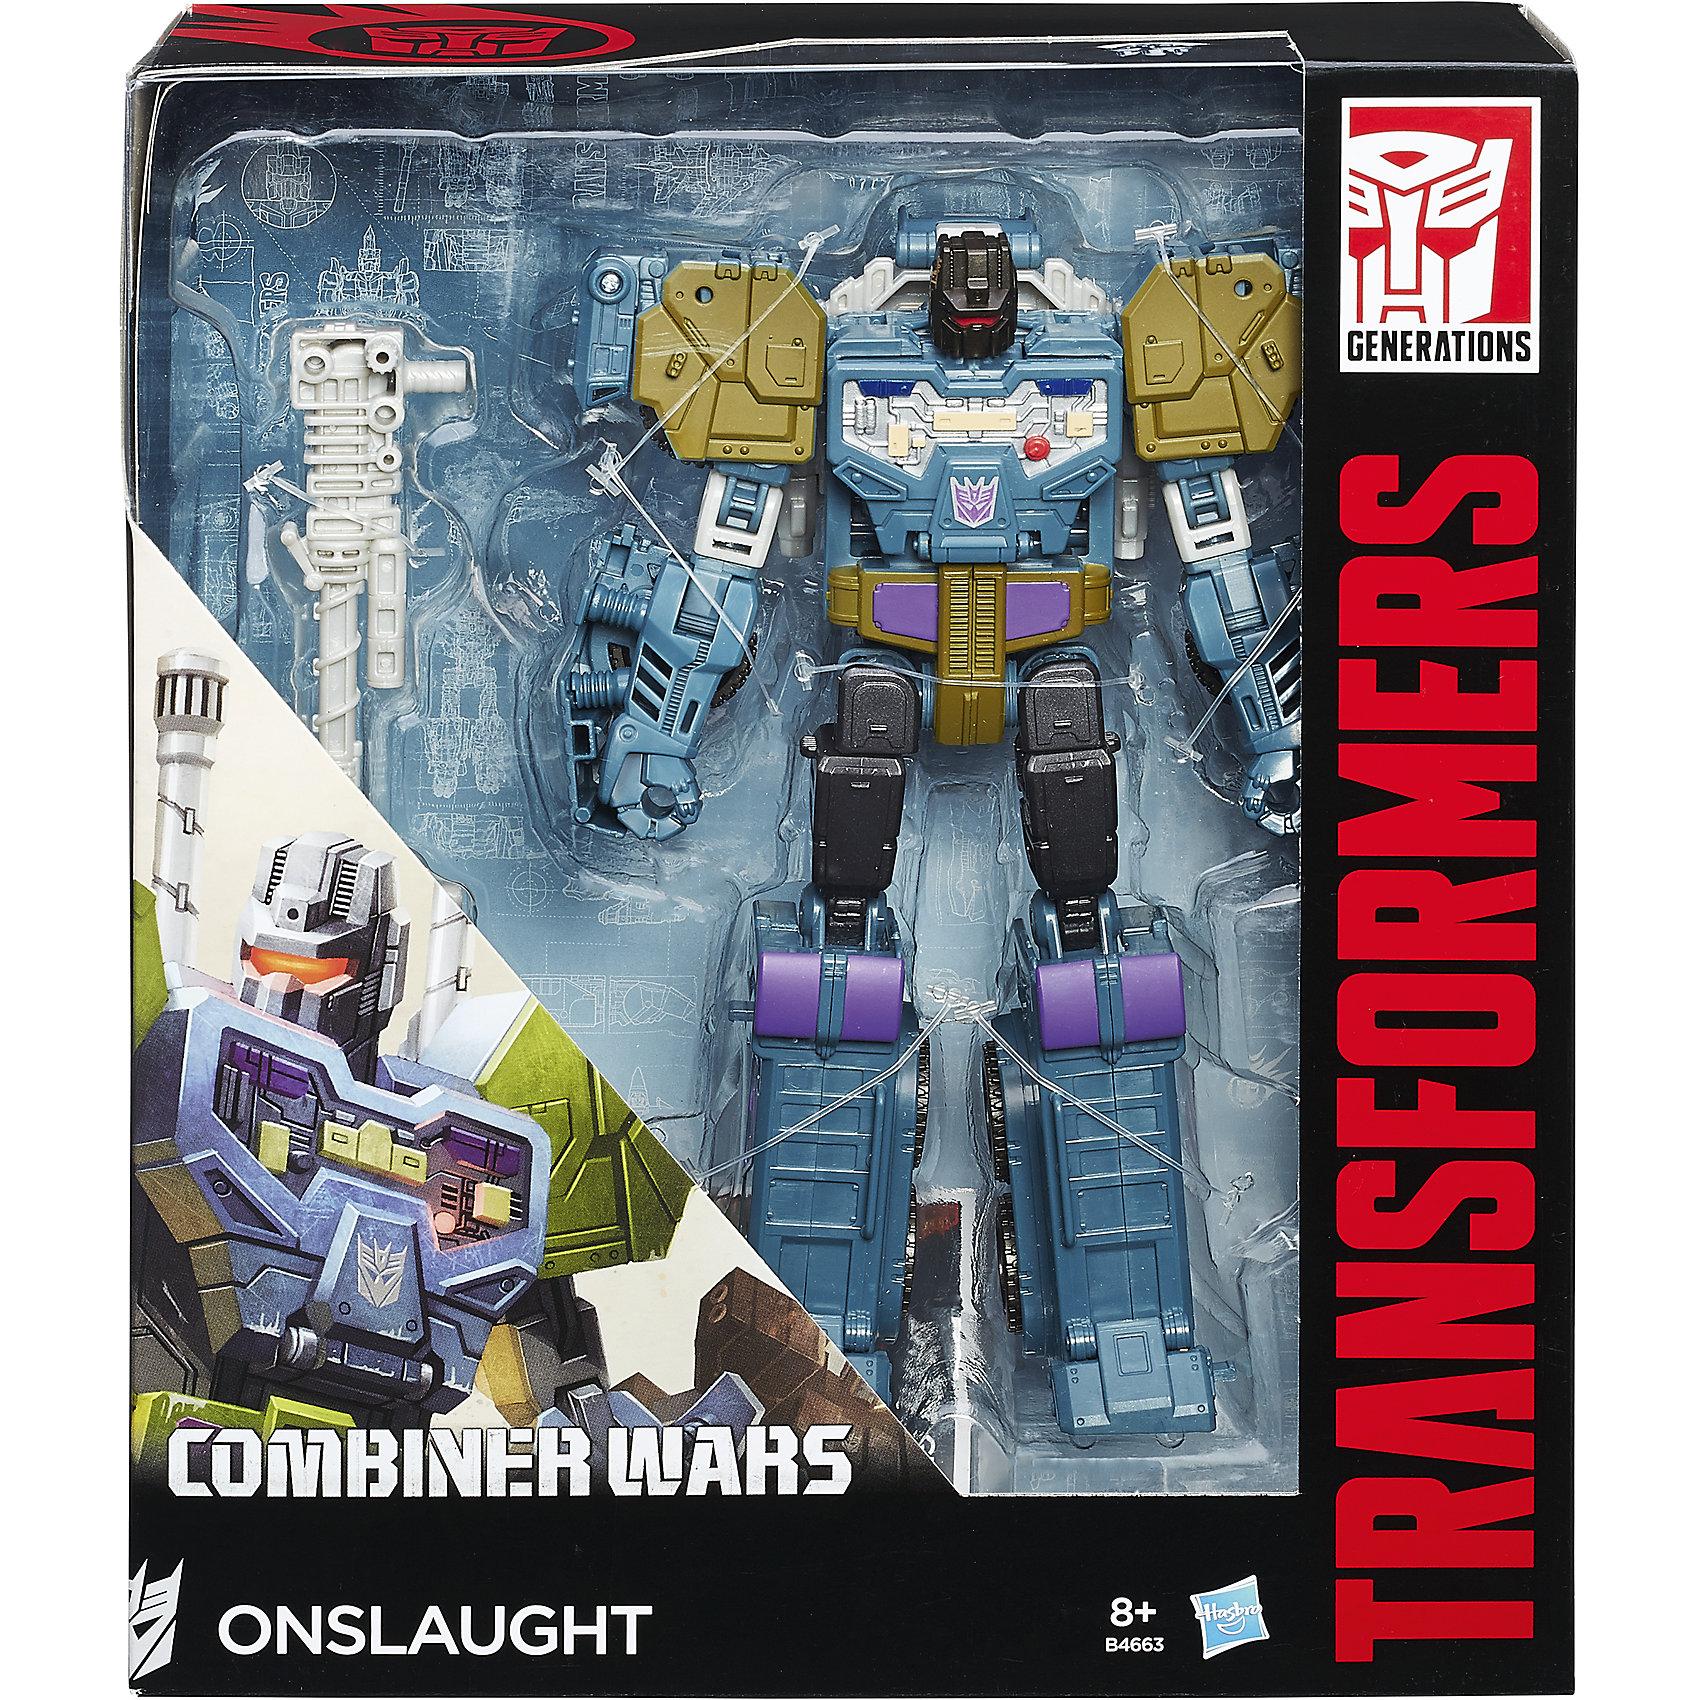 Дженерэйшнс вояджер, Трансформеры, B0975/Серо-фиолетовыеДженерэйшнс вояджер, Трансформеры (Transformers) - это фигурки любимых персонажей со сложной, но увлекательной трансформацией. Благодаря этому, Трансформеры очень подвижные и способными принимать разные позы. Высокий уровень детализации делает процесс трансформации интересным и увлекательным. Эта игрушка не только понравится всем мальчишкам, она поможет развить мелкую моторику, внимание и фантазию ребенка. Выполнена из высококачественного прочного пластика, безопасного для детей.  Дополнительная информация:  - Материал: пластик - Размер упаковки: 9 x 21 х 25 см.    Дженерэйшнс вояджер, Трансформеров (Transformers)  можно купить в нашем магазине.<br><br>Ширина мм: 89<br>Глубина мм: 216<br>Высота мм: 254<br>Вес г: 388<br>Возраст от месяцев: 60<br>Возраст до месяцев: 120<br>Пол: Мужской<br>Возраст: Детский<br>SKU: 4829665